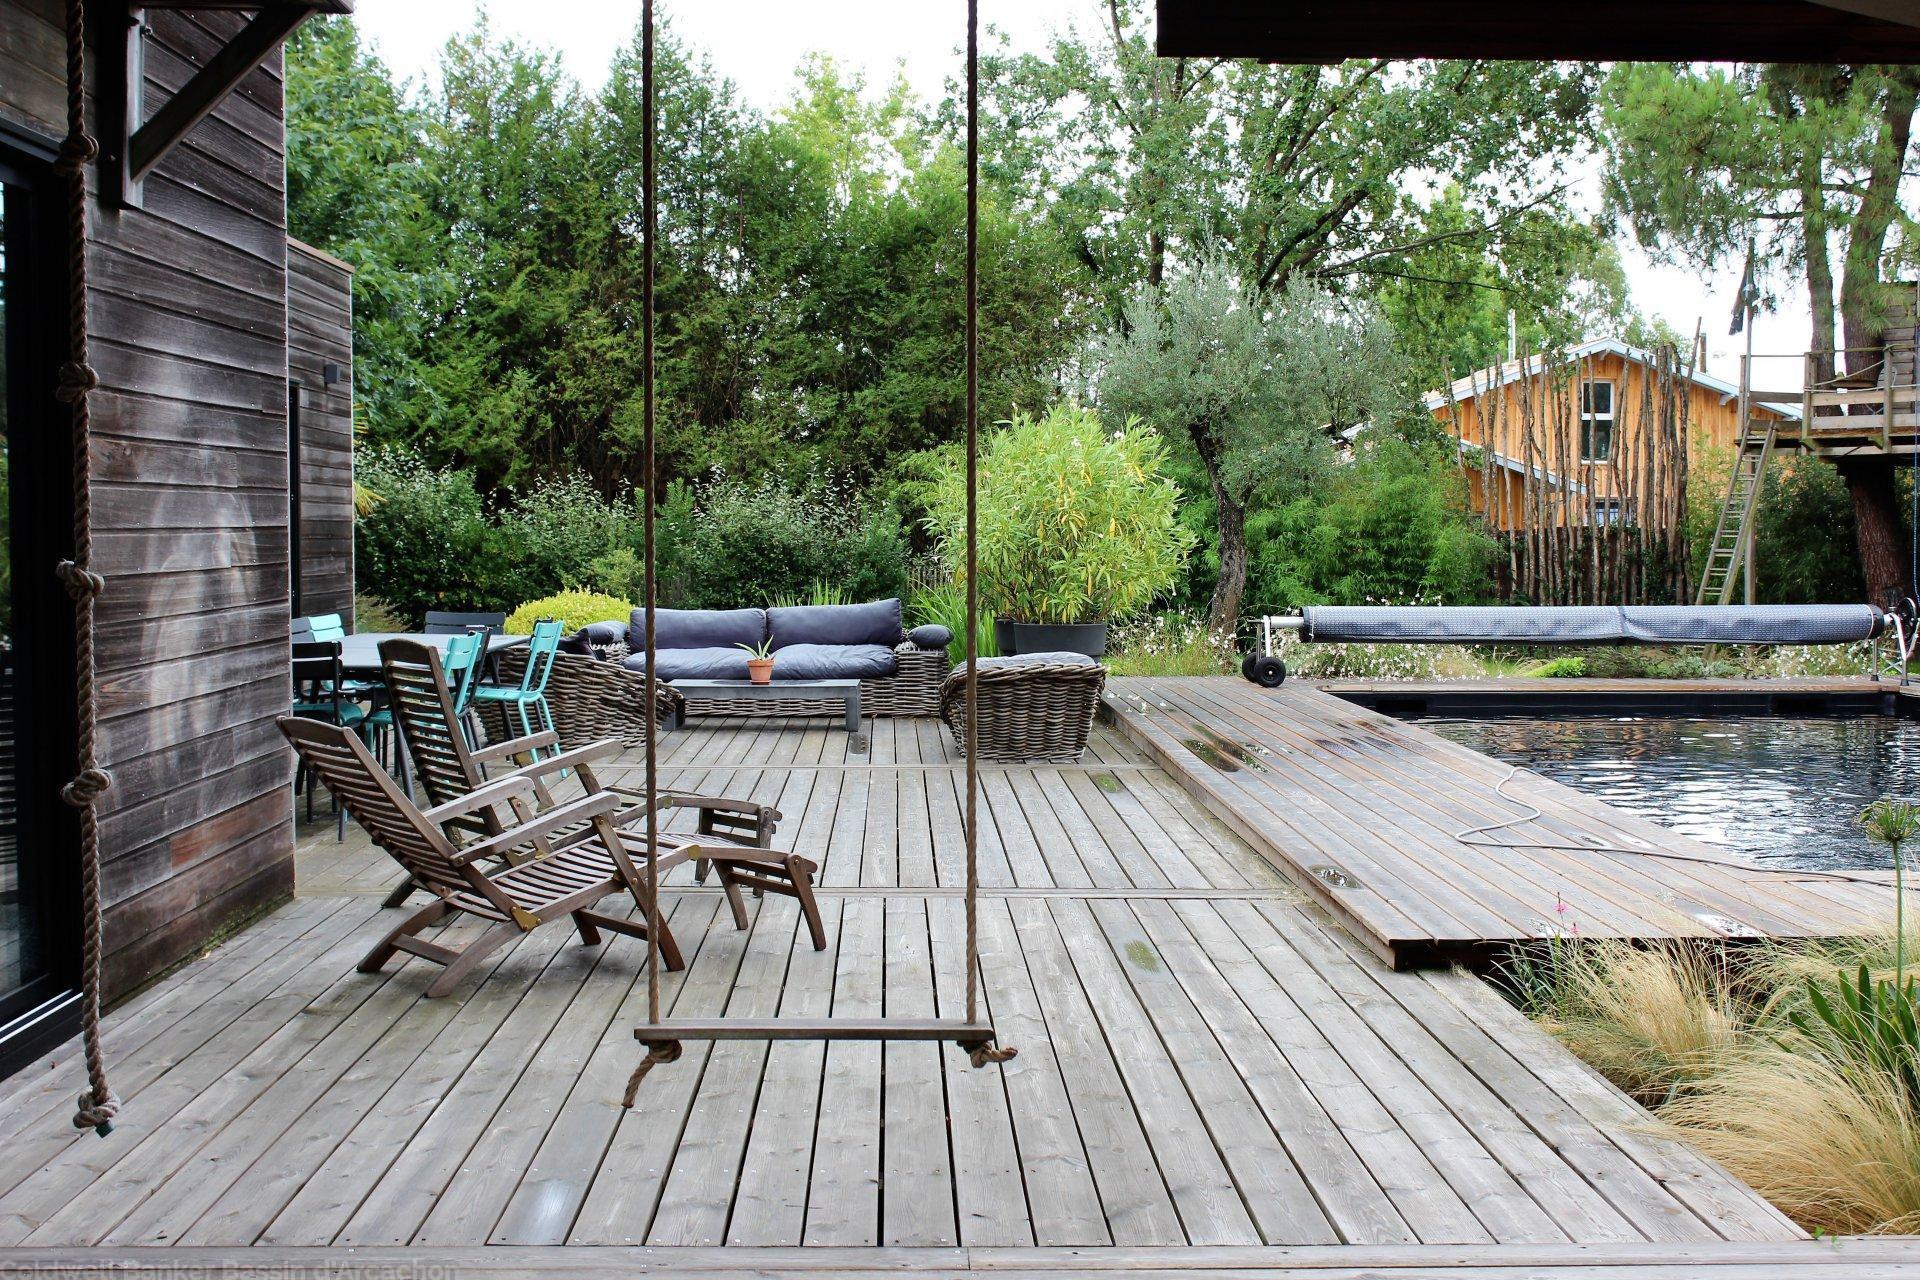 Vente Maison Villa Lege Cap Ferret 6 Chambres Coldwell